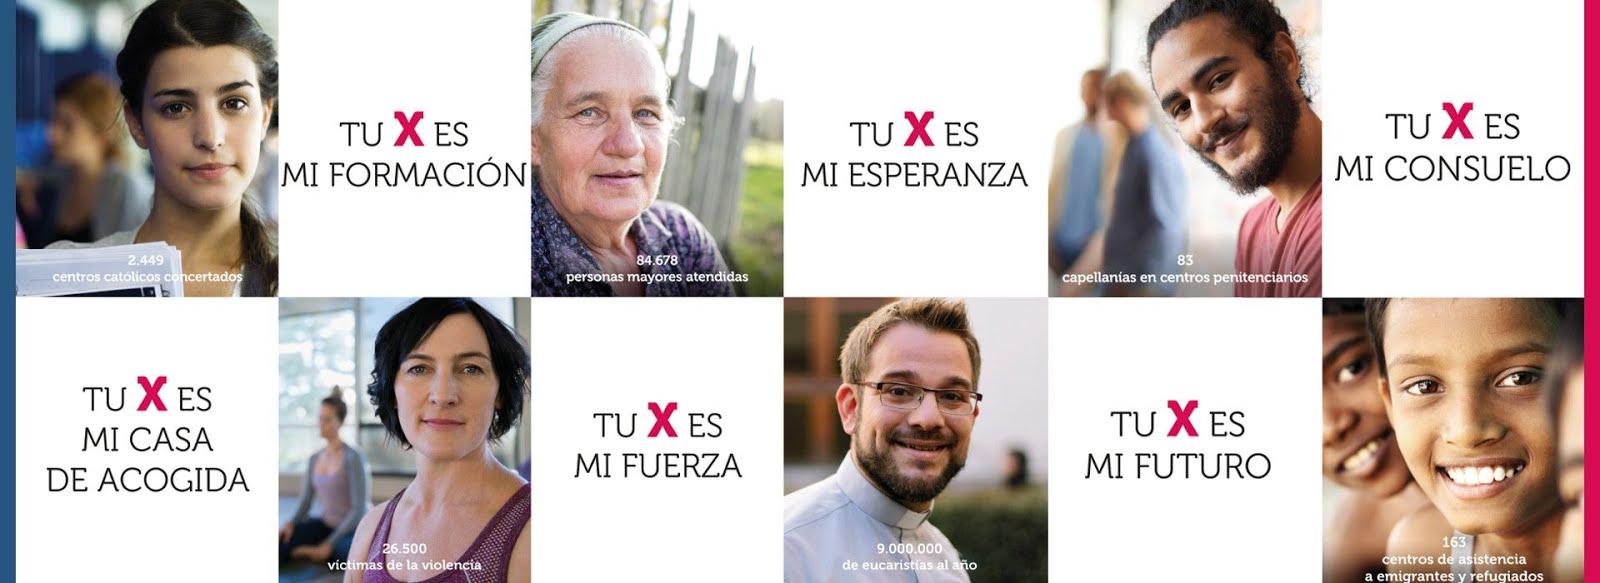 PORQUE DETRÁS DE CADA X HAY UNA HISTORIA